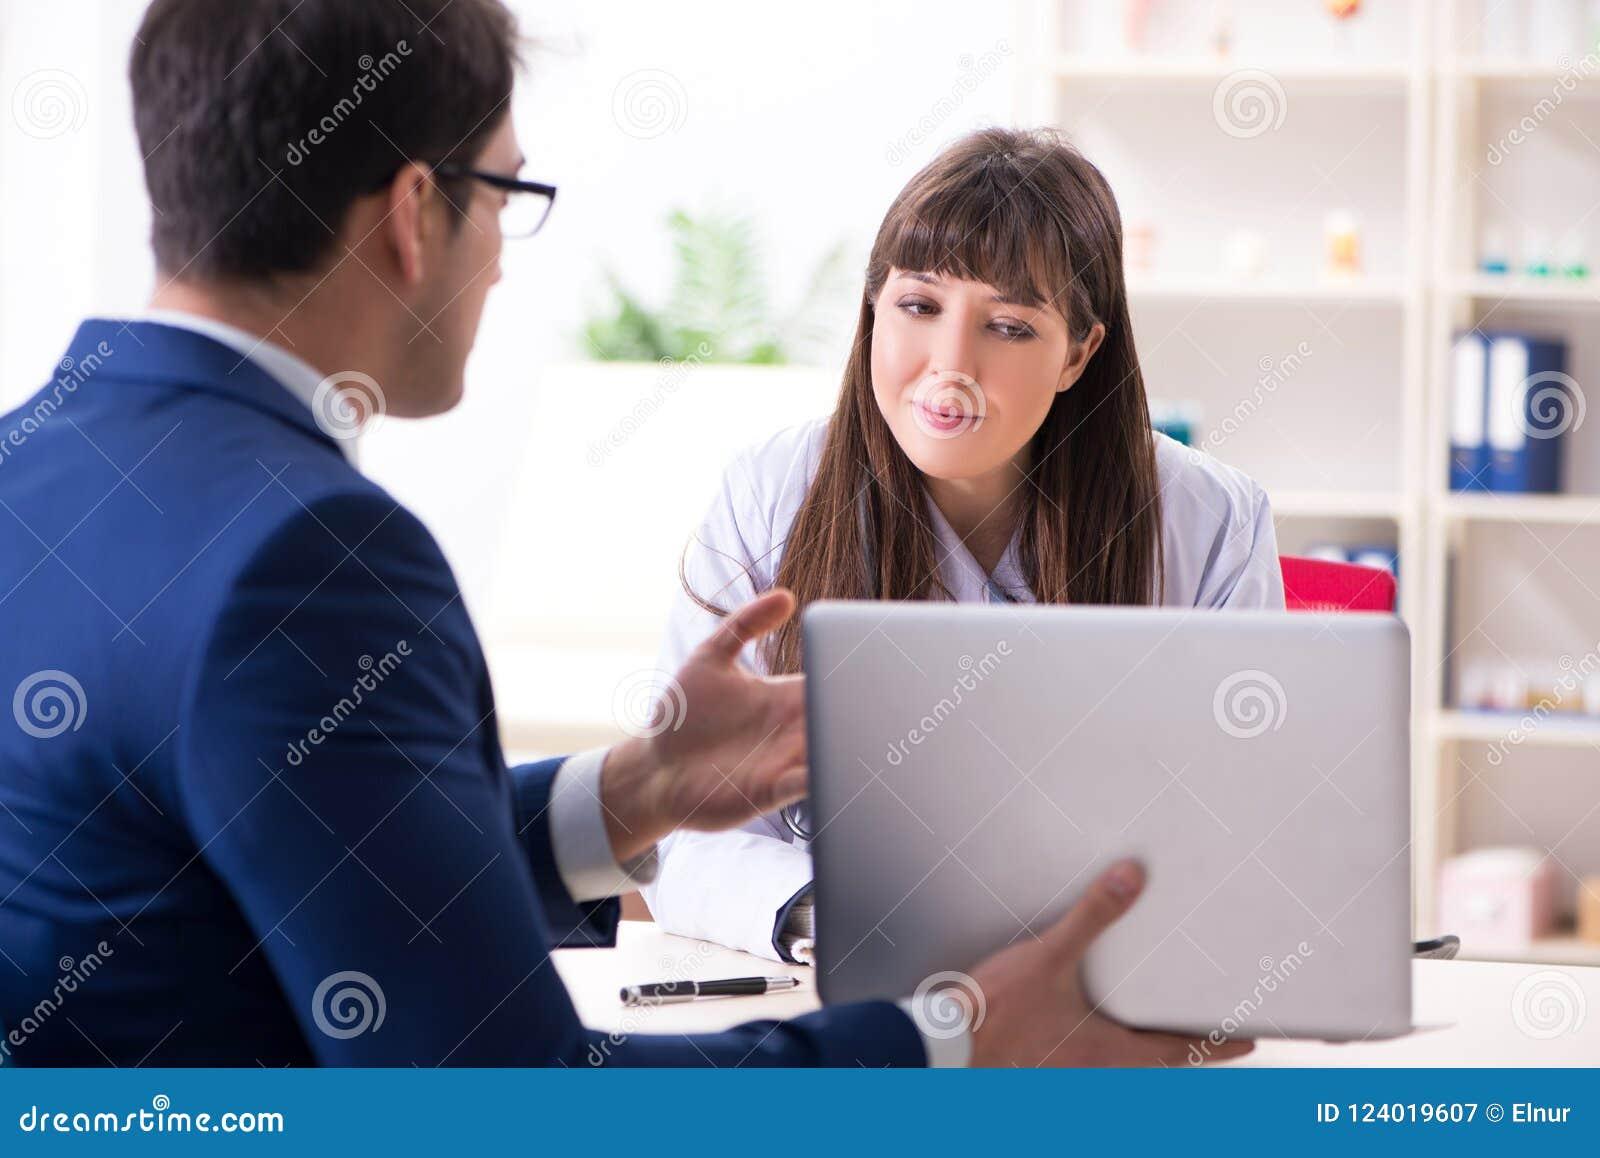 Ο επιχειρηματίας που συζητά τα ζητήματα υγείας με το γιατρό